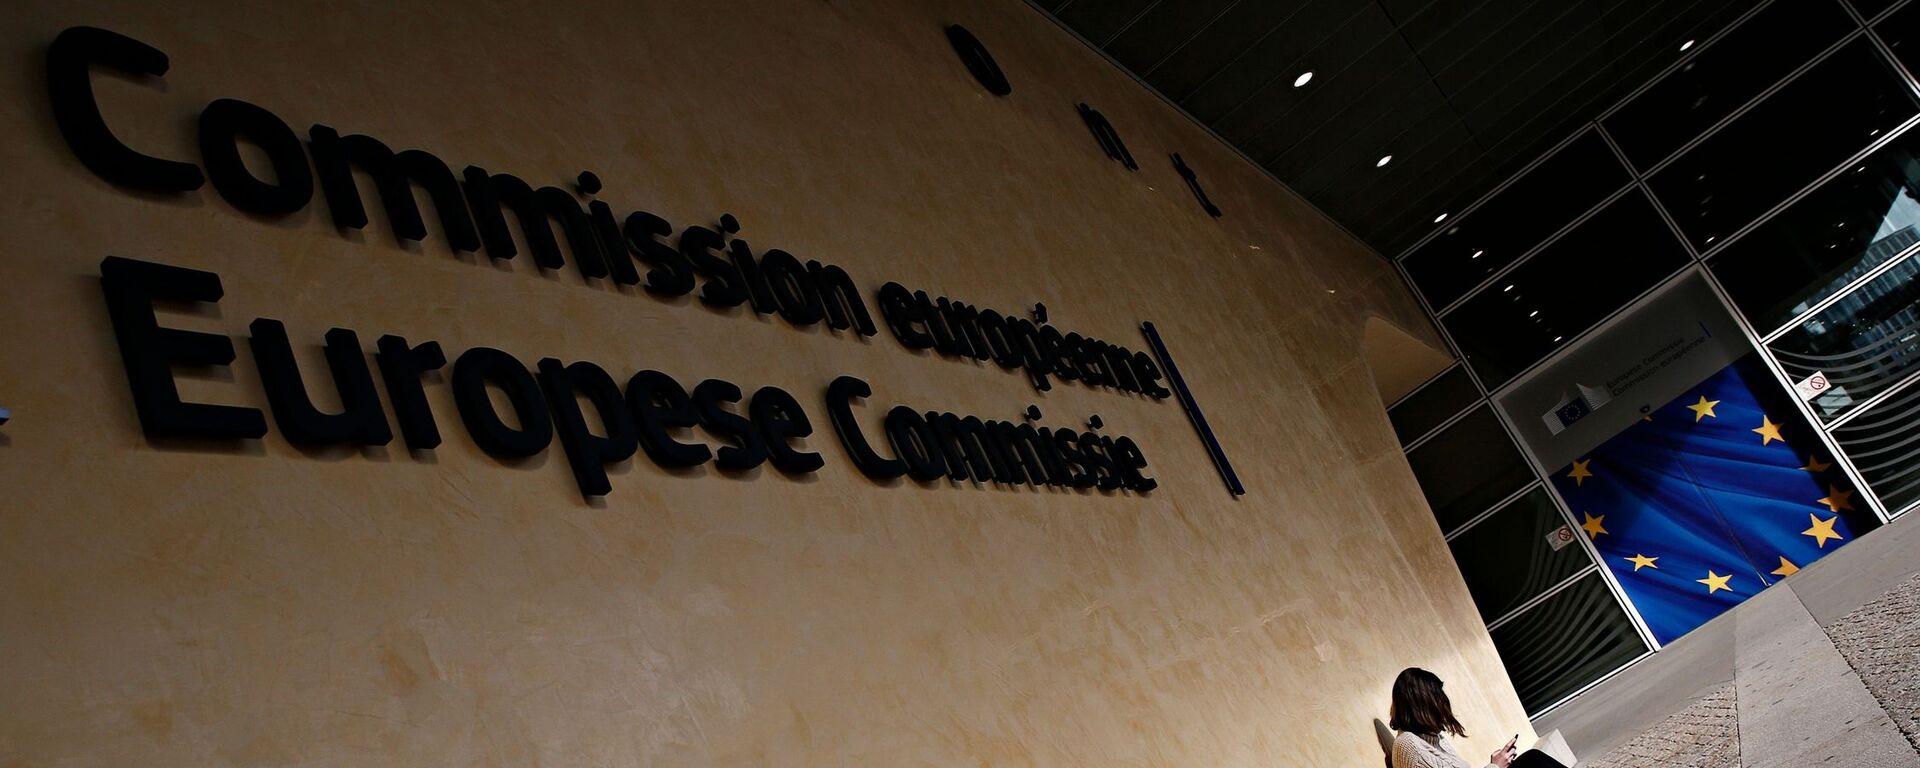 Το κτίριο της Ευρωπαϊκής Επιτροπής στις Βρυξέλλες στις 7 Φεβρουαρίου, 2018. - Sputnik Ελλάδα, 1920, 20.03.2021